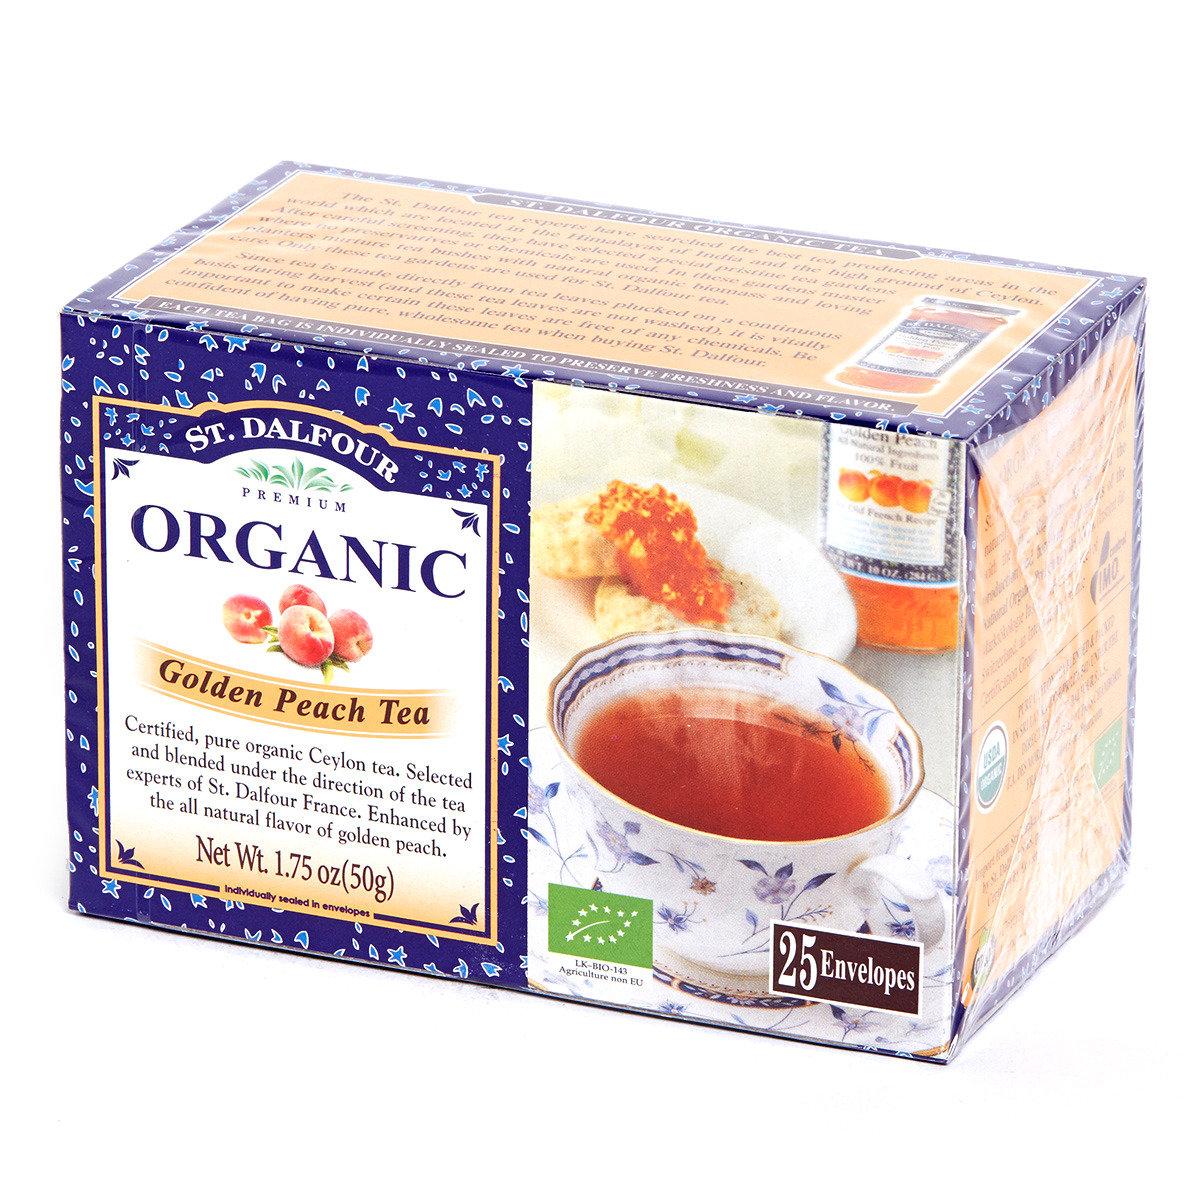 有機紅茶系列 - 水蜜桃紅茶